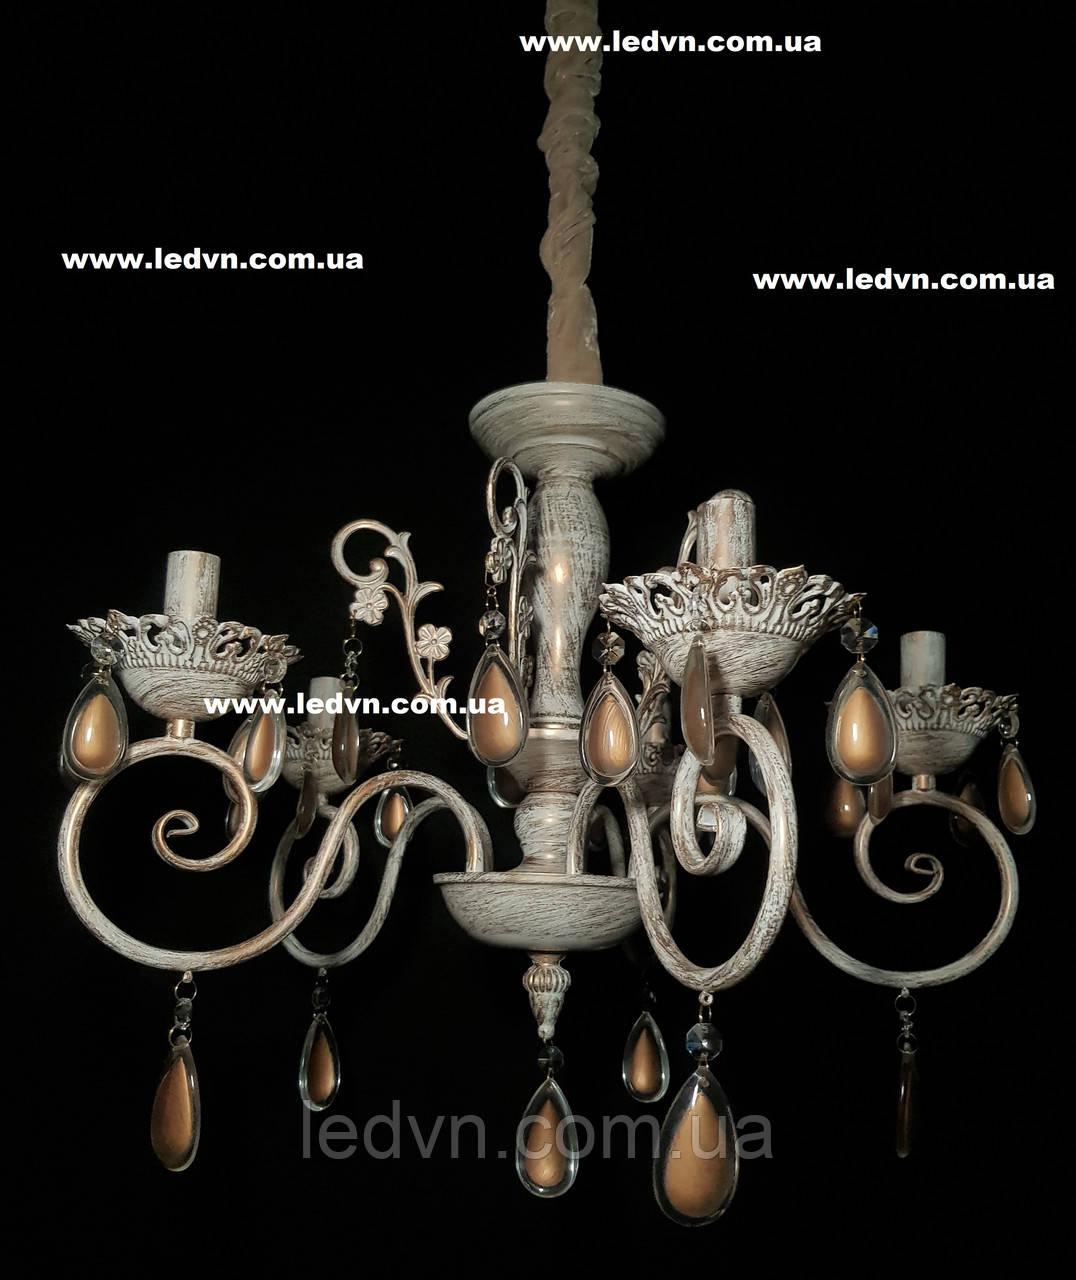 Классическая подвесная люстра в бежевых тонах на 5 ламп